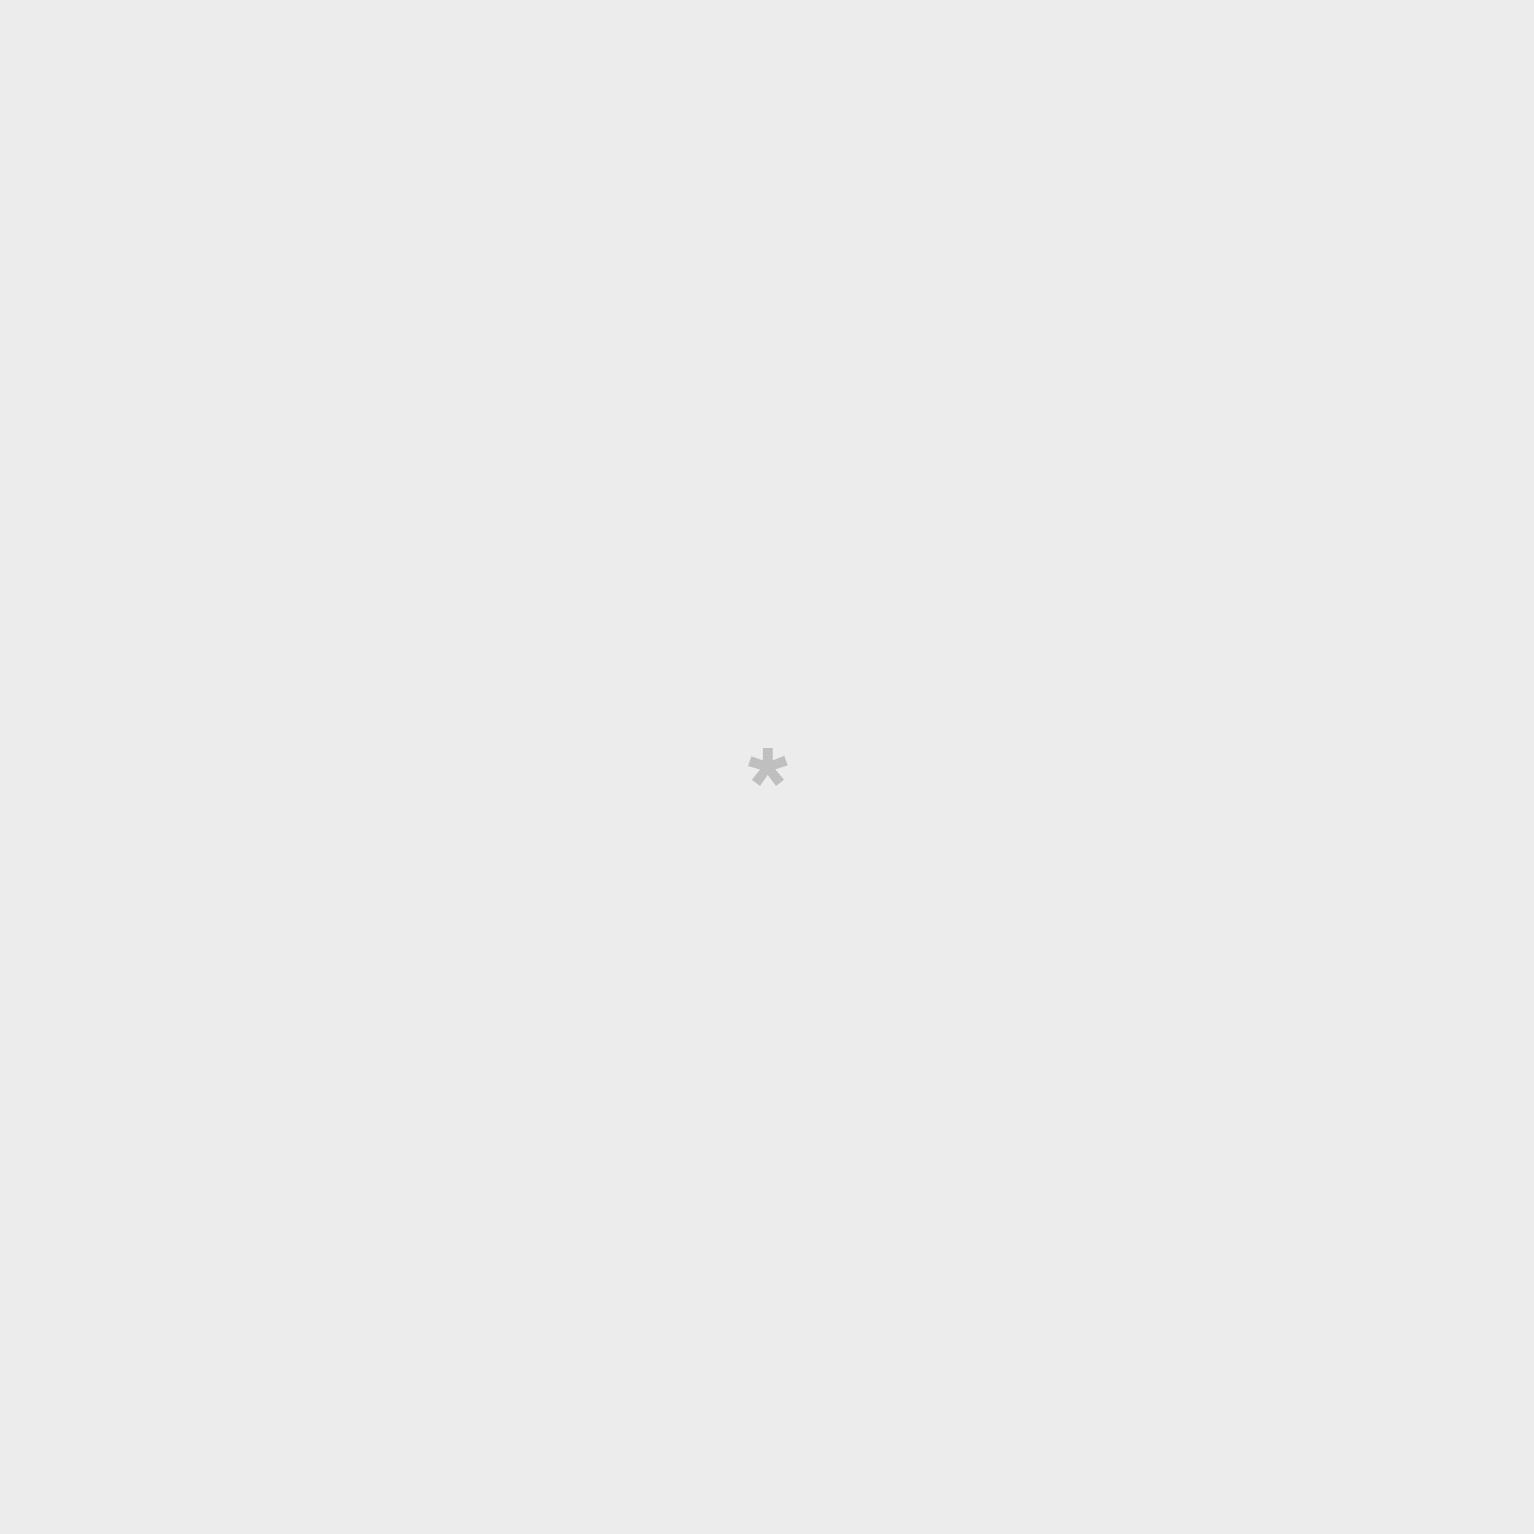 Bolsa de la compra plegable rosa - Collect memories, not plastic bags